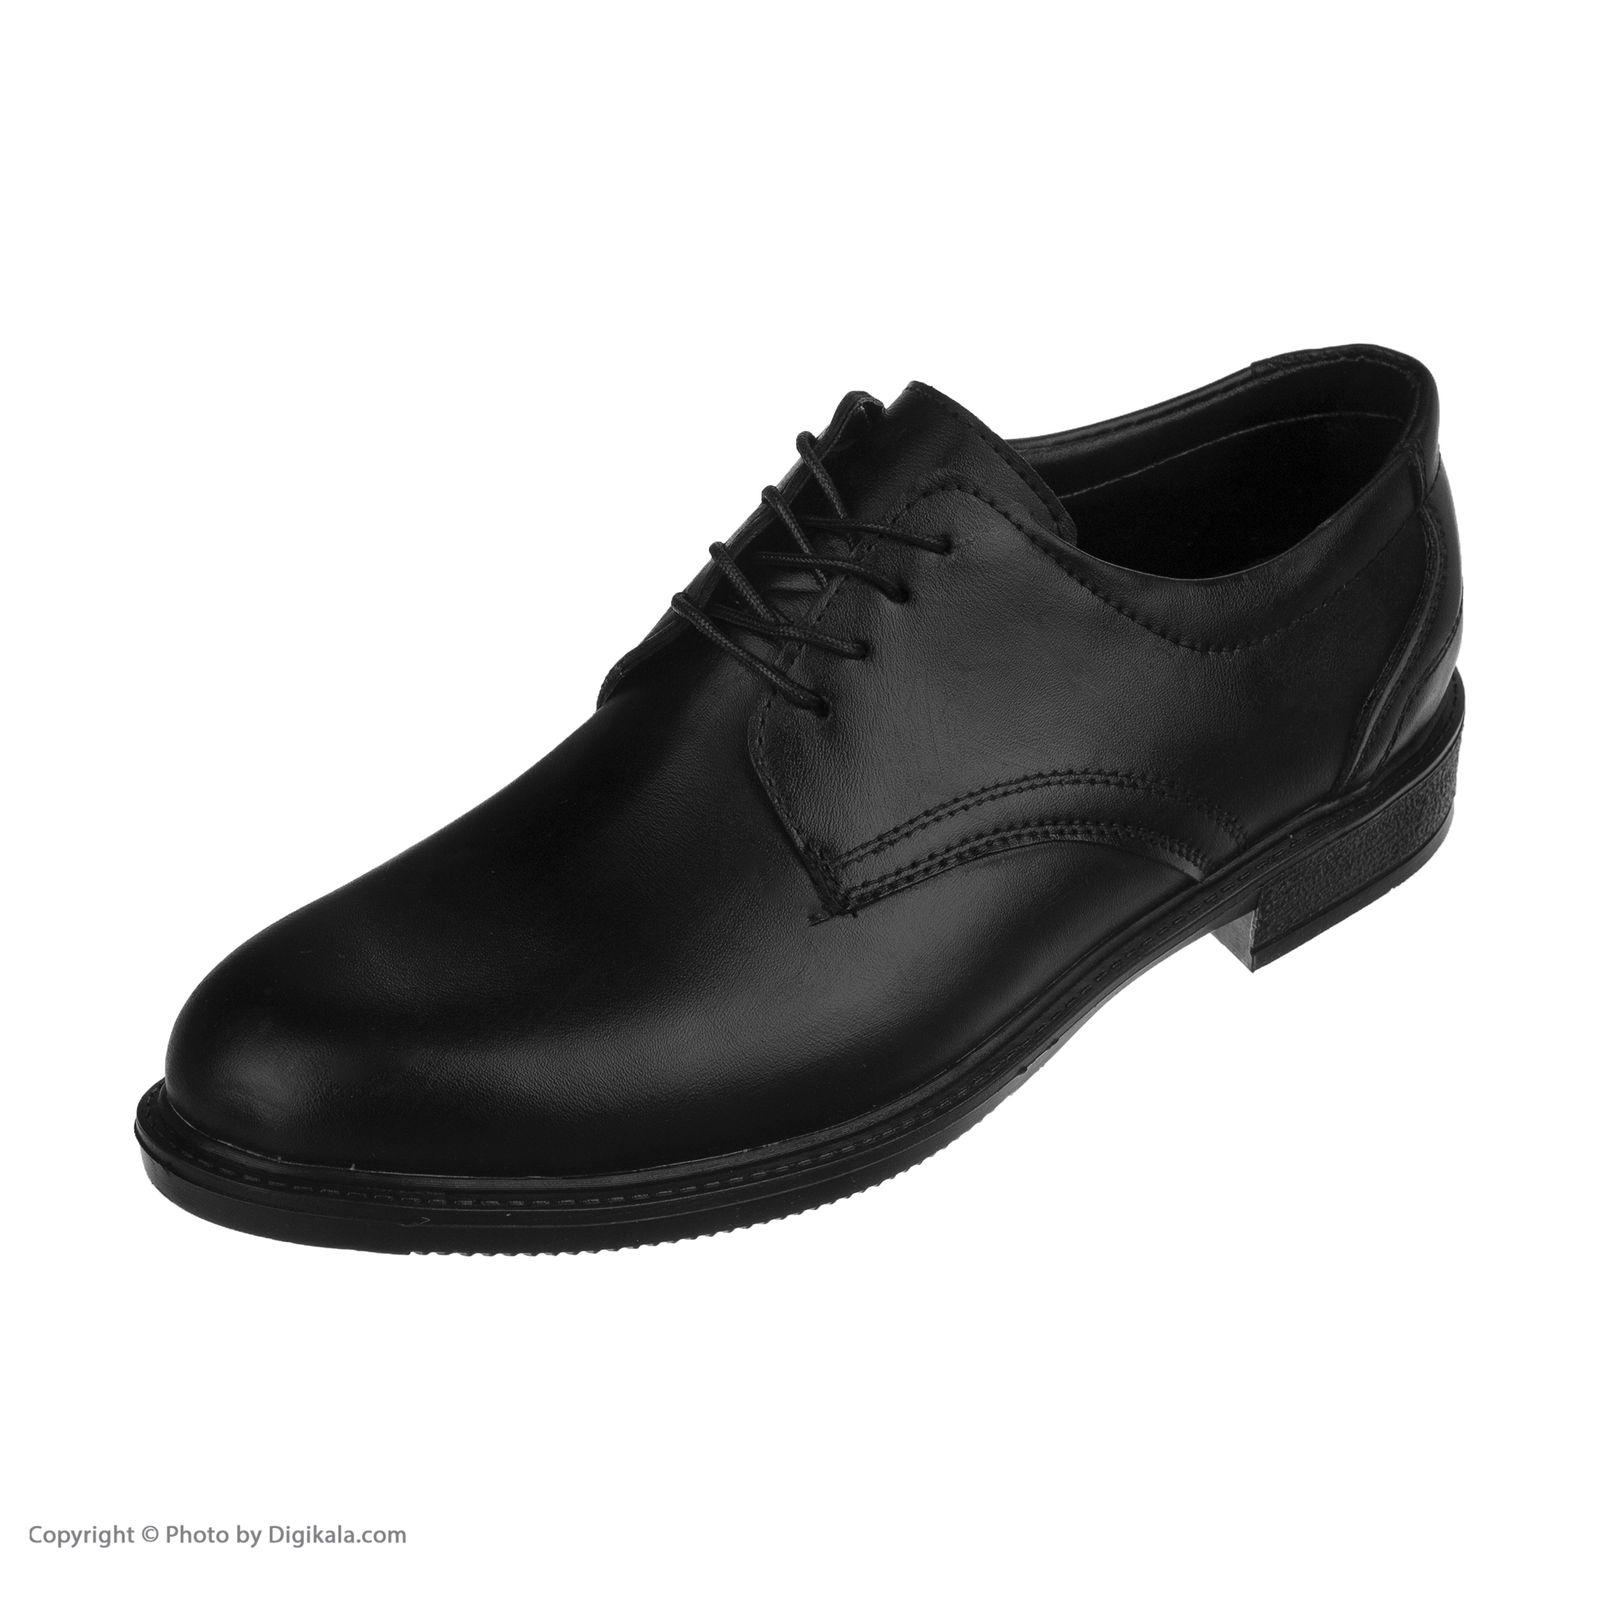 کفش مردانه مدل k.baz.102 -  - 7